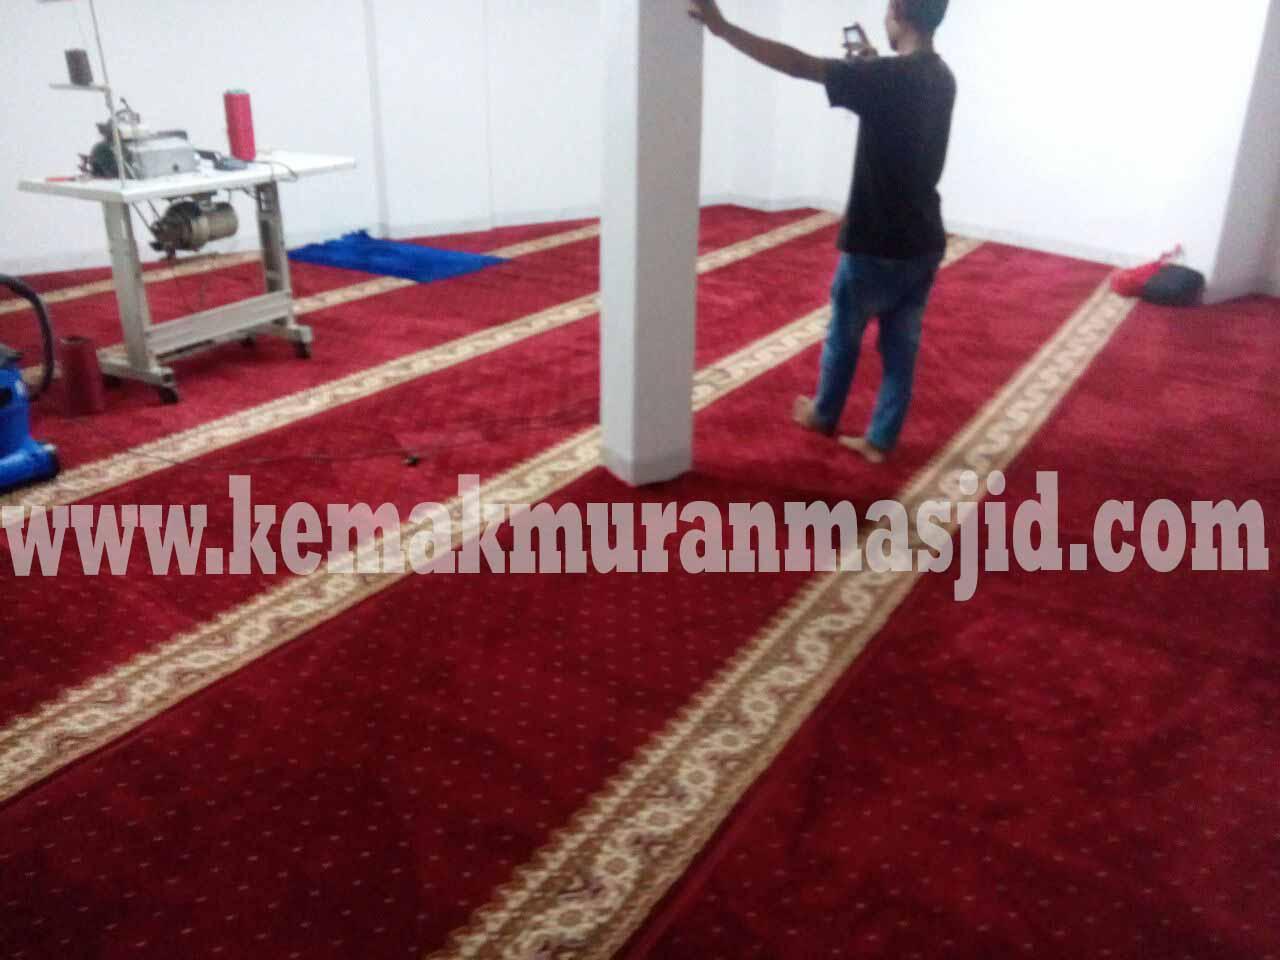 Jual Karpet Masjid Kota Bks Jawa Barat